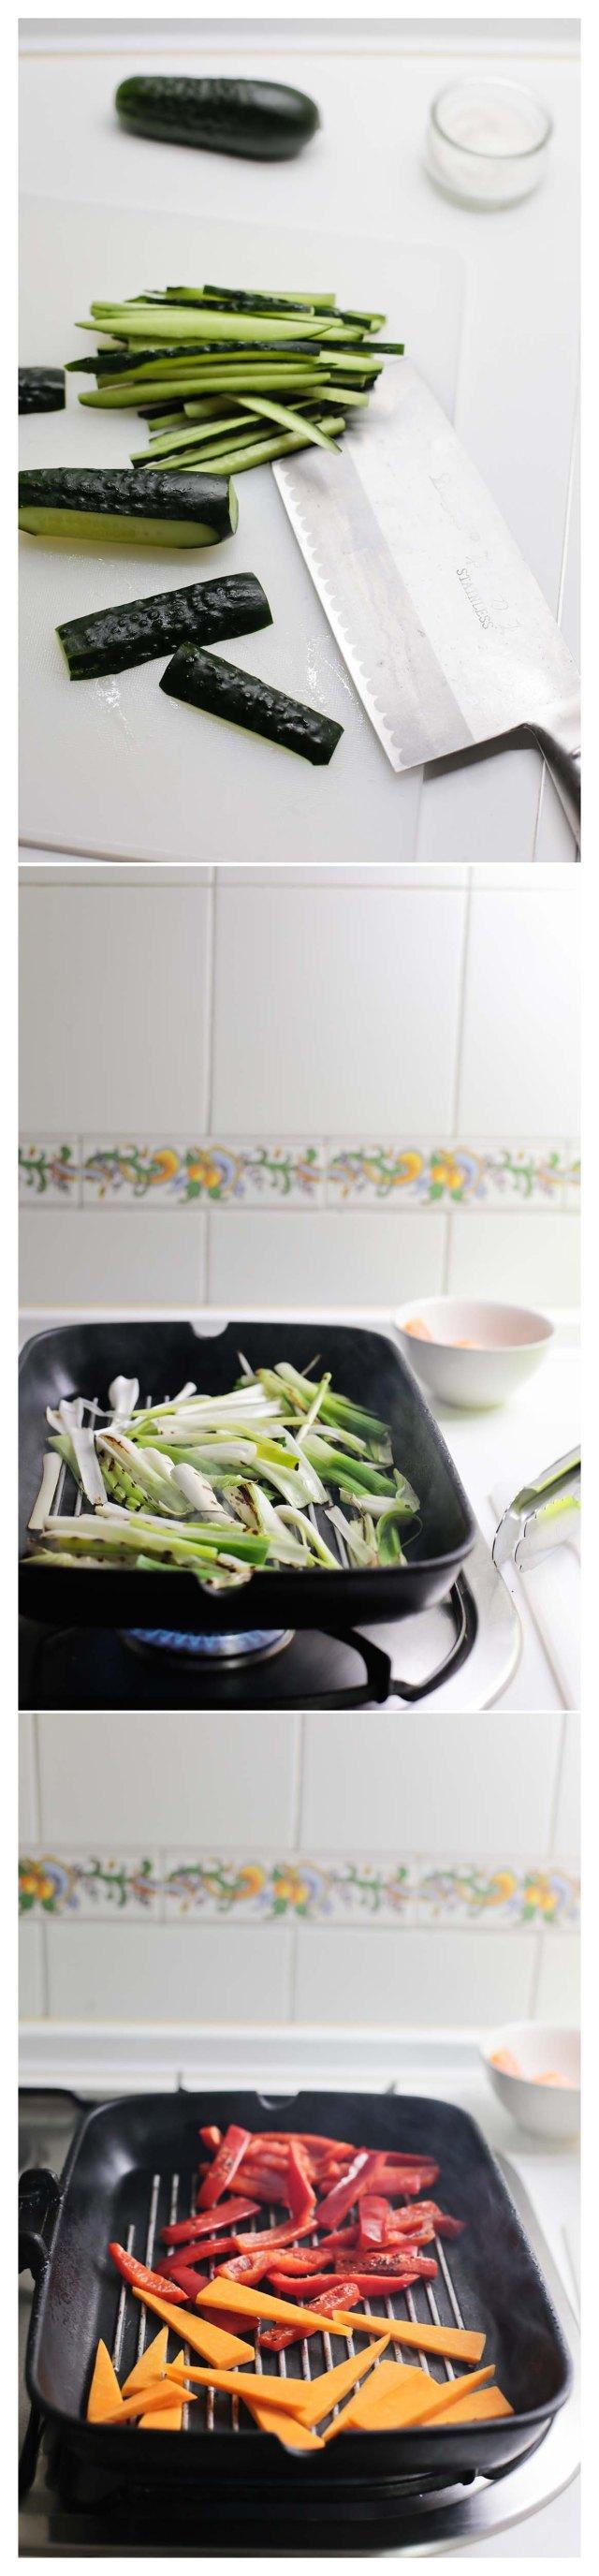 elaboracion de vegetales 2